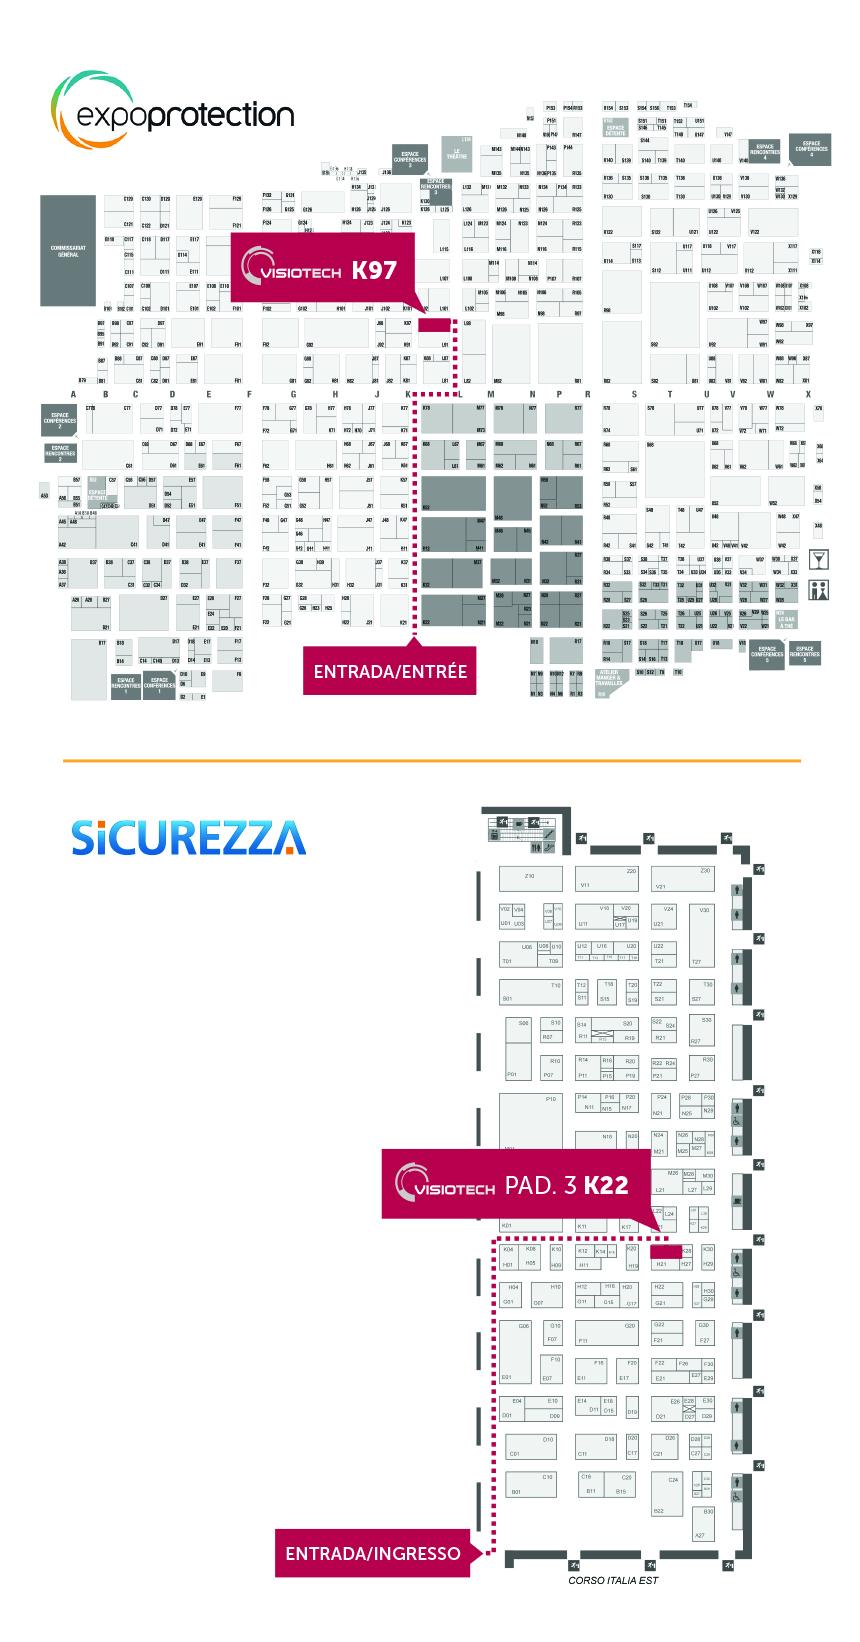 Mapa de feiras 2014